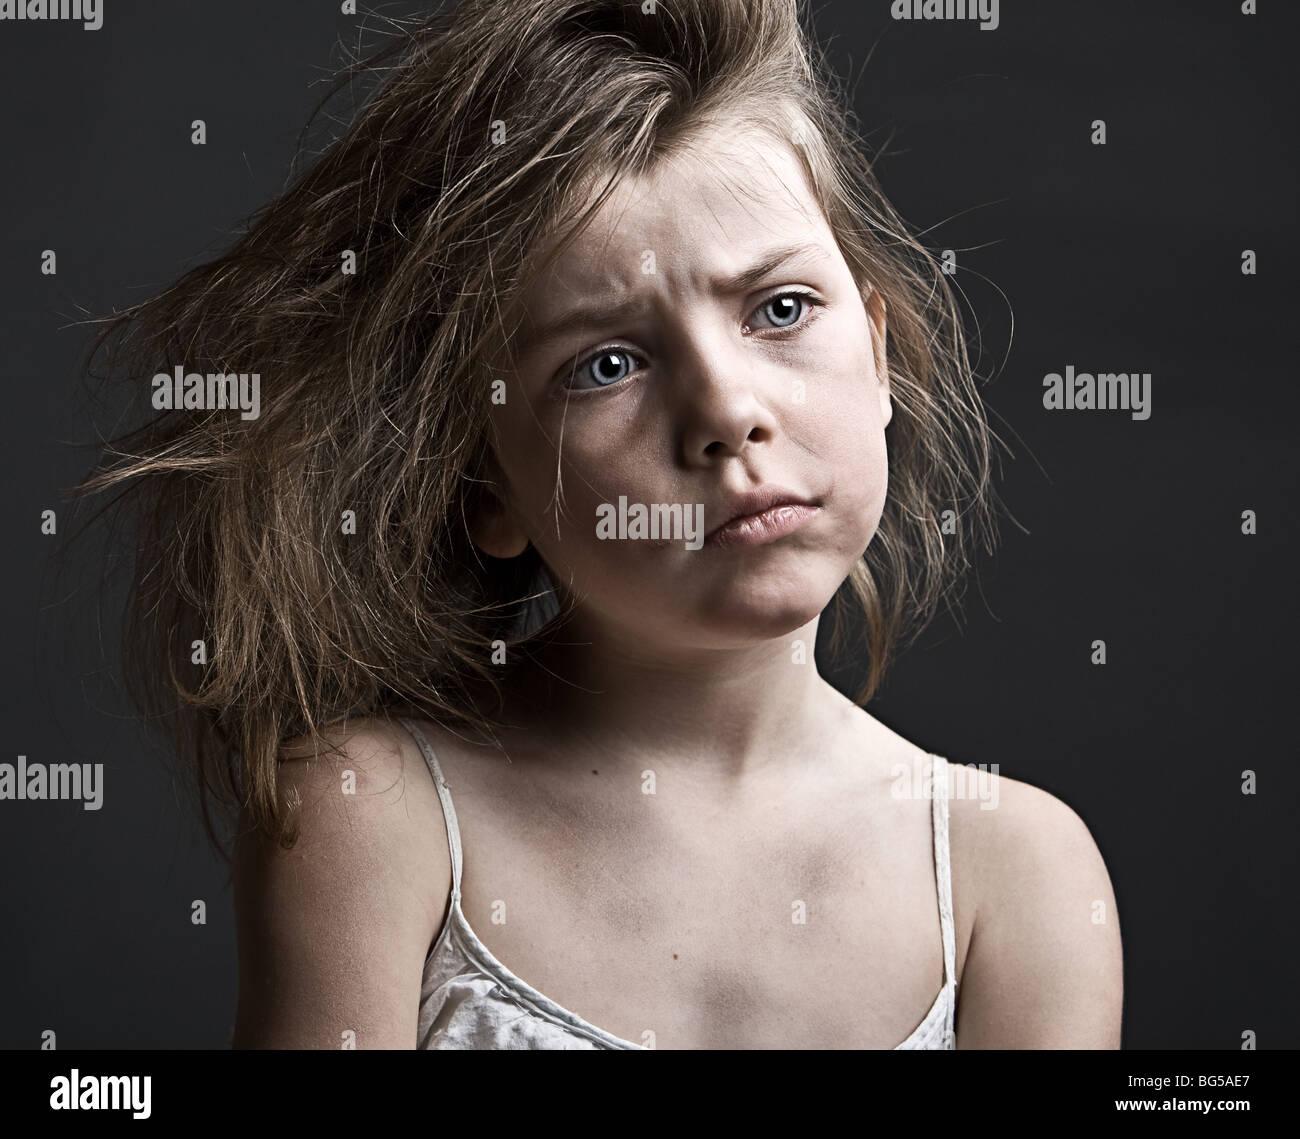 Potente golpe de un niño desordenado contra un fondo gris Imagen De Stock